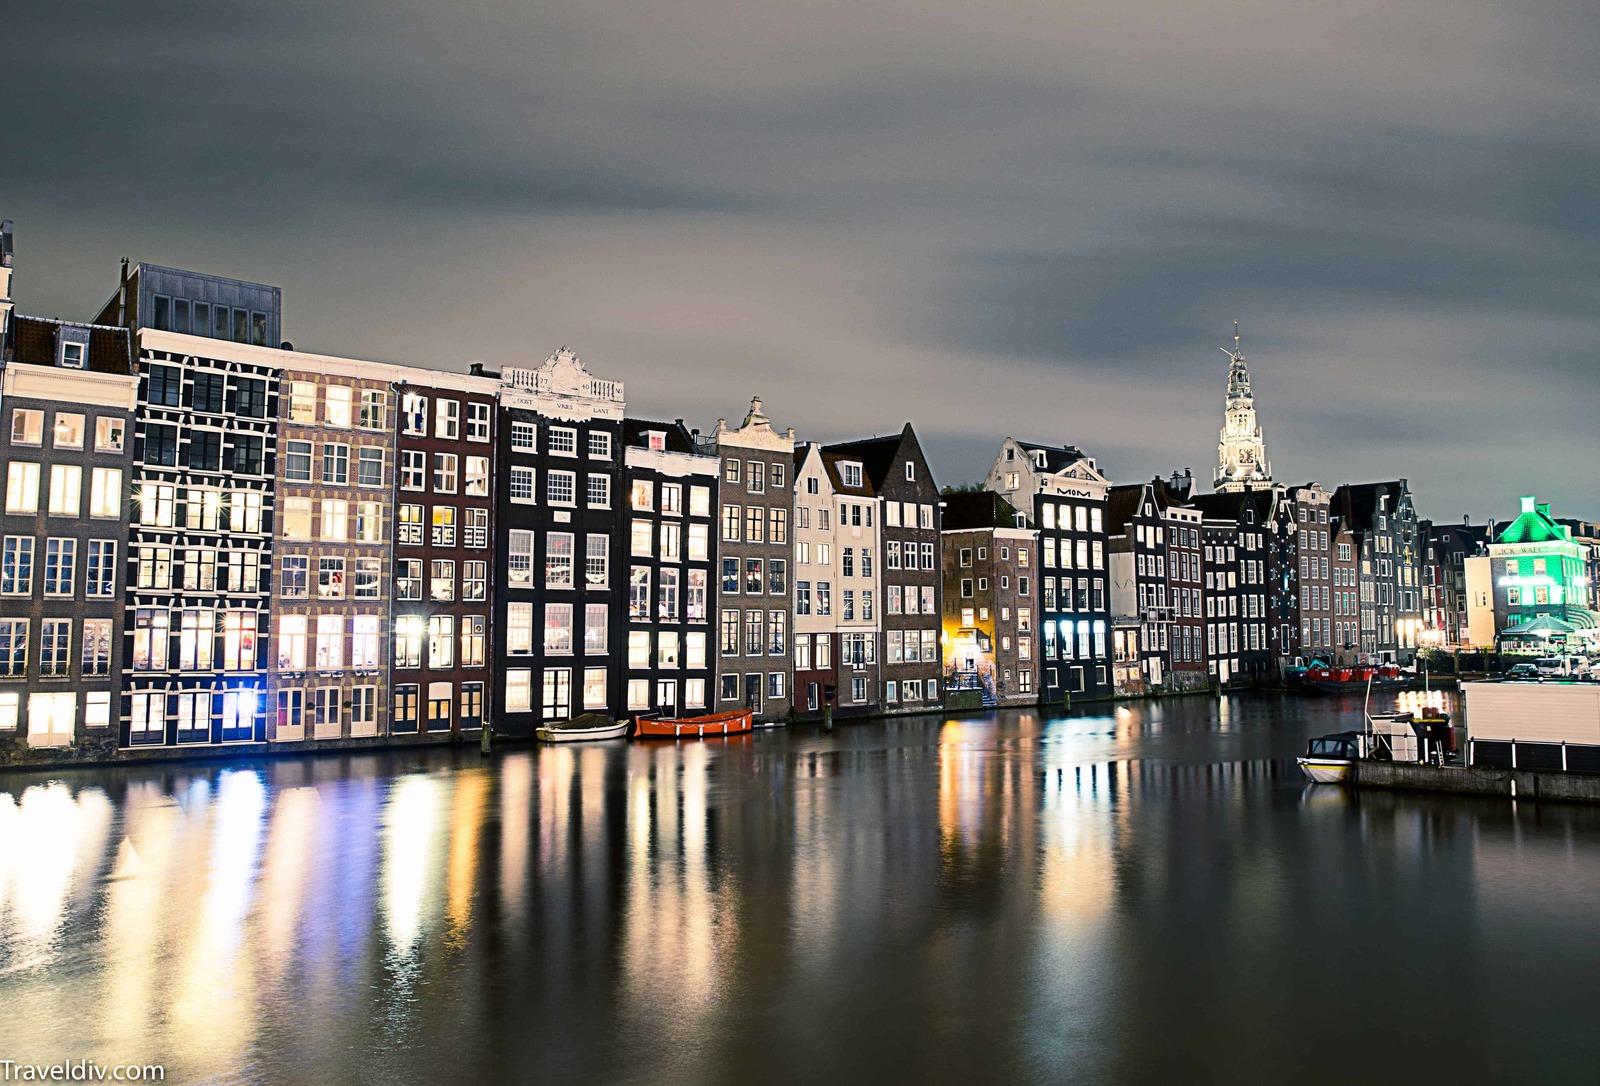 تقرير رحلتي الى امستردام مدينة الحب في هولندا مع جدول سياحي لسبعة ايام كل ماتريد معرفته عن عاصمة الجمال امستردام المسافرون العرب الاصلي